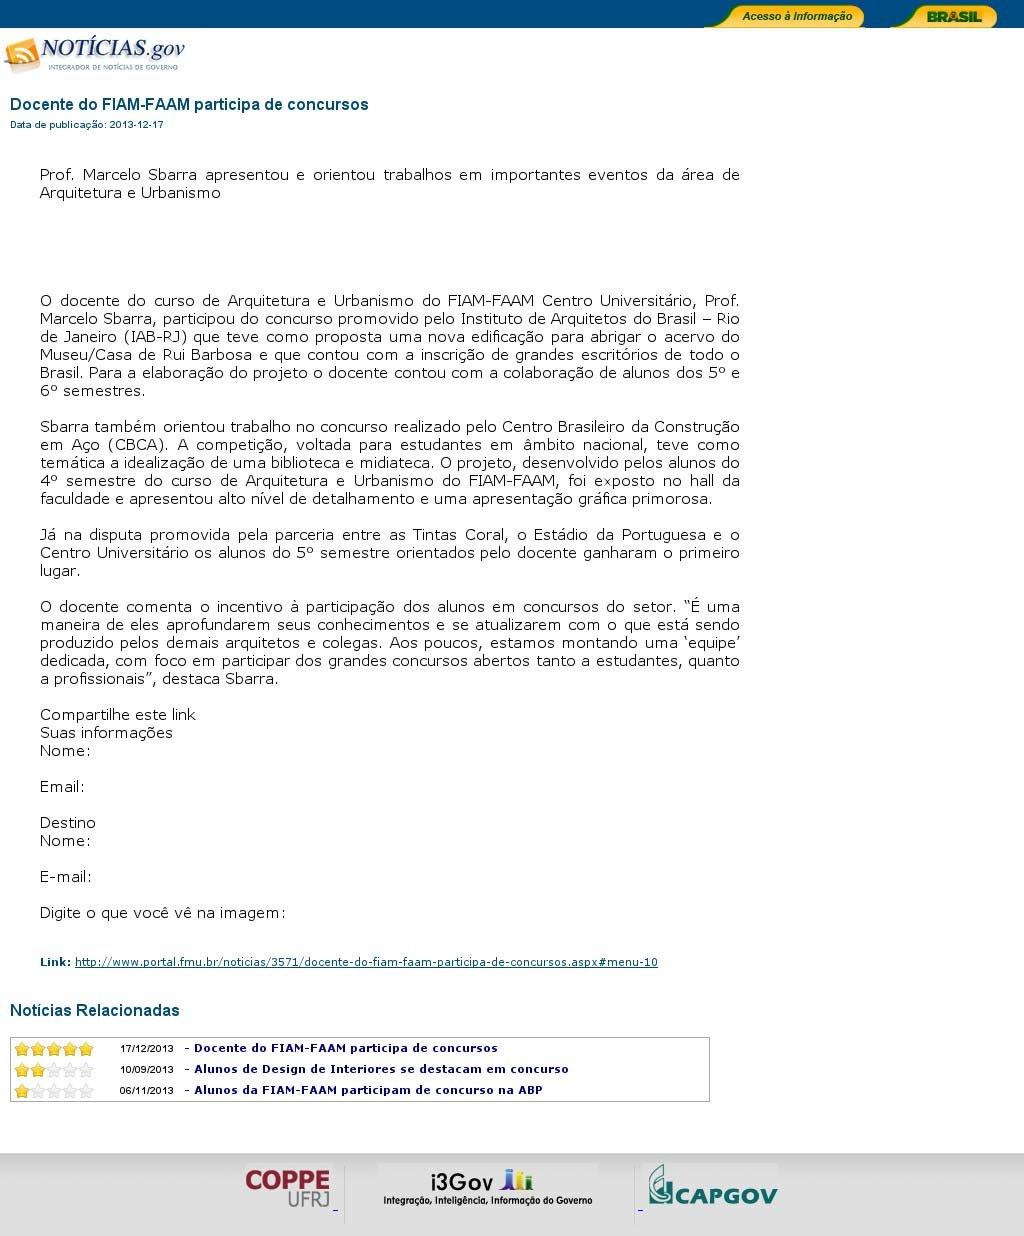 noticias.gov.br